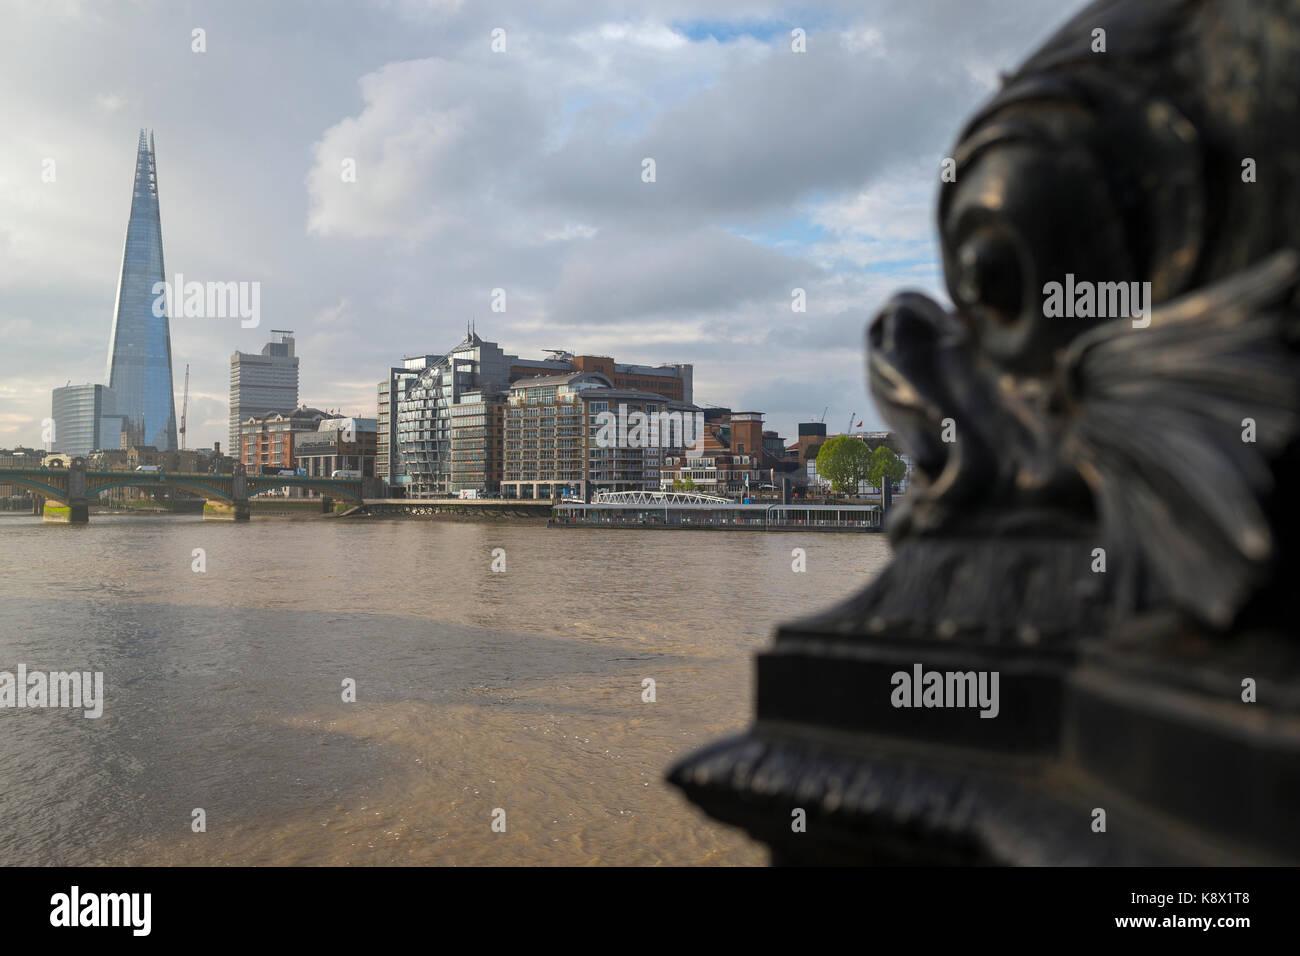 El edificio shard y el río Támesis de Londres. Foto de stock